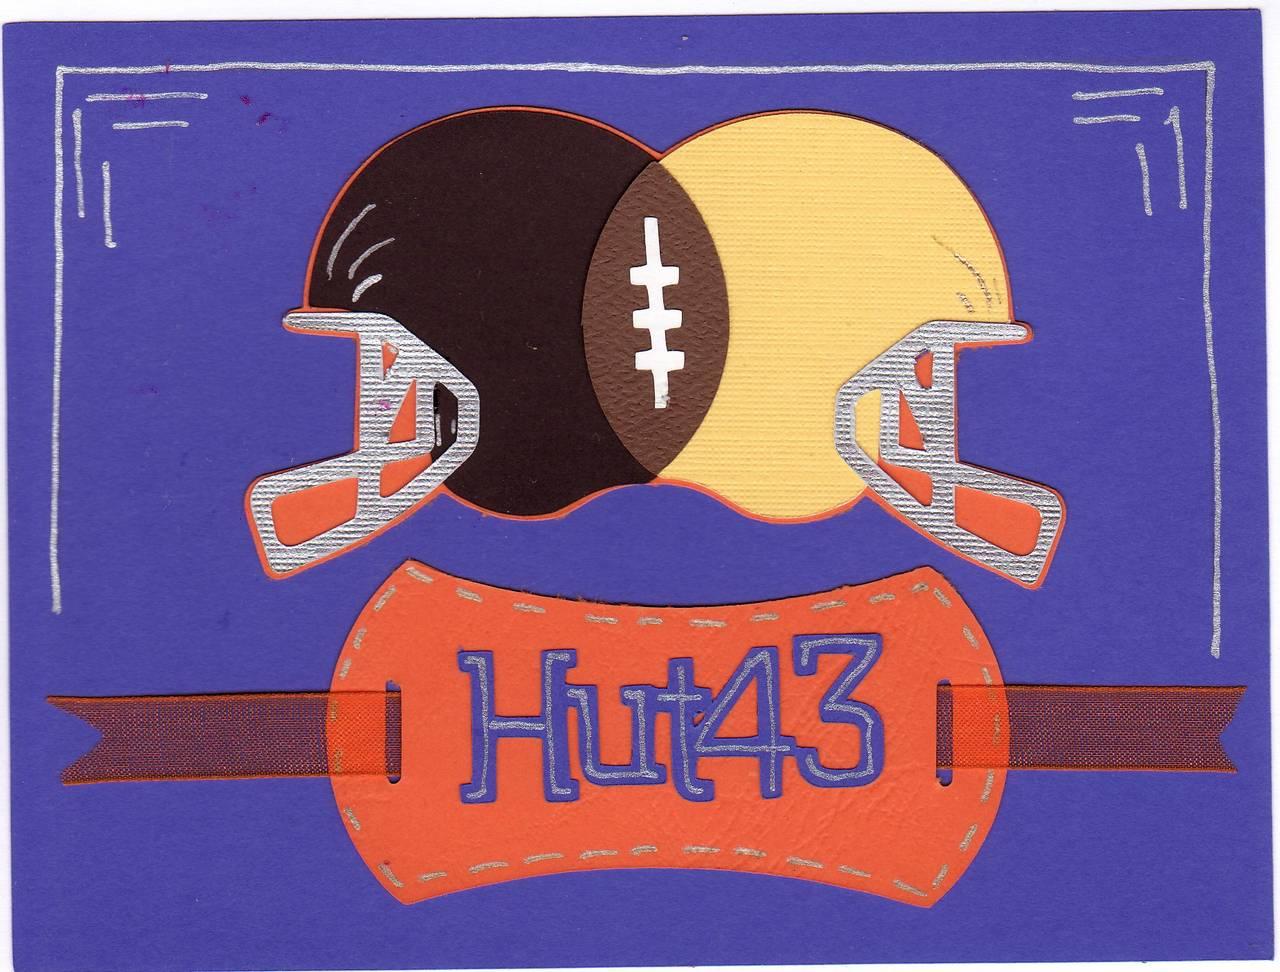 Hut43_card